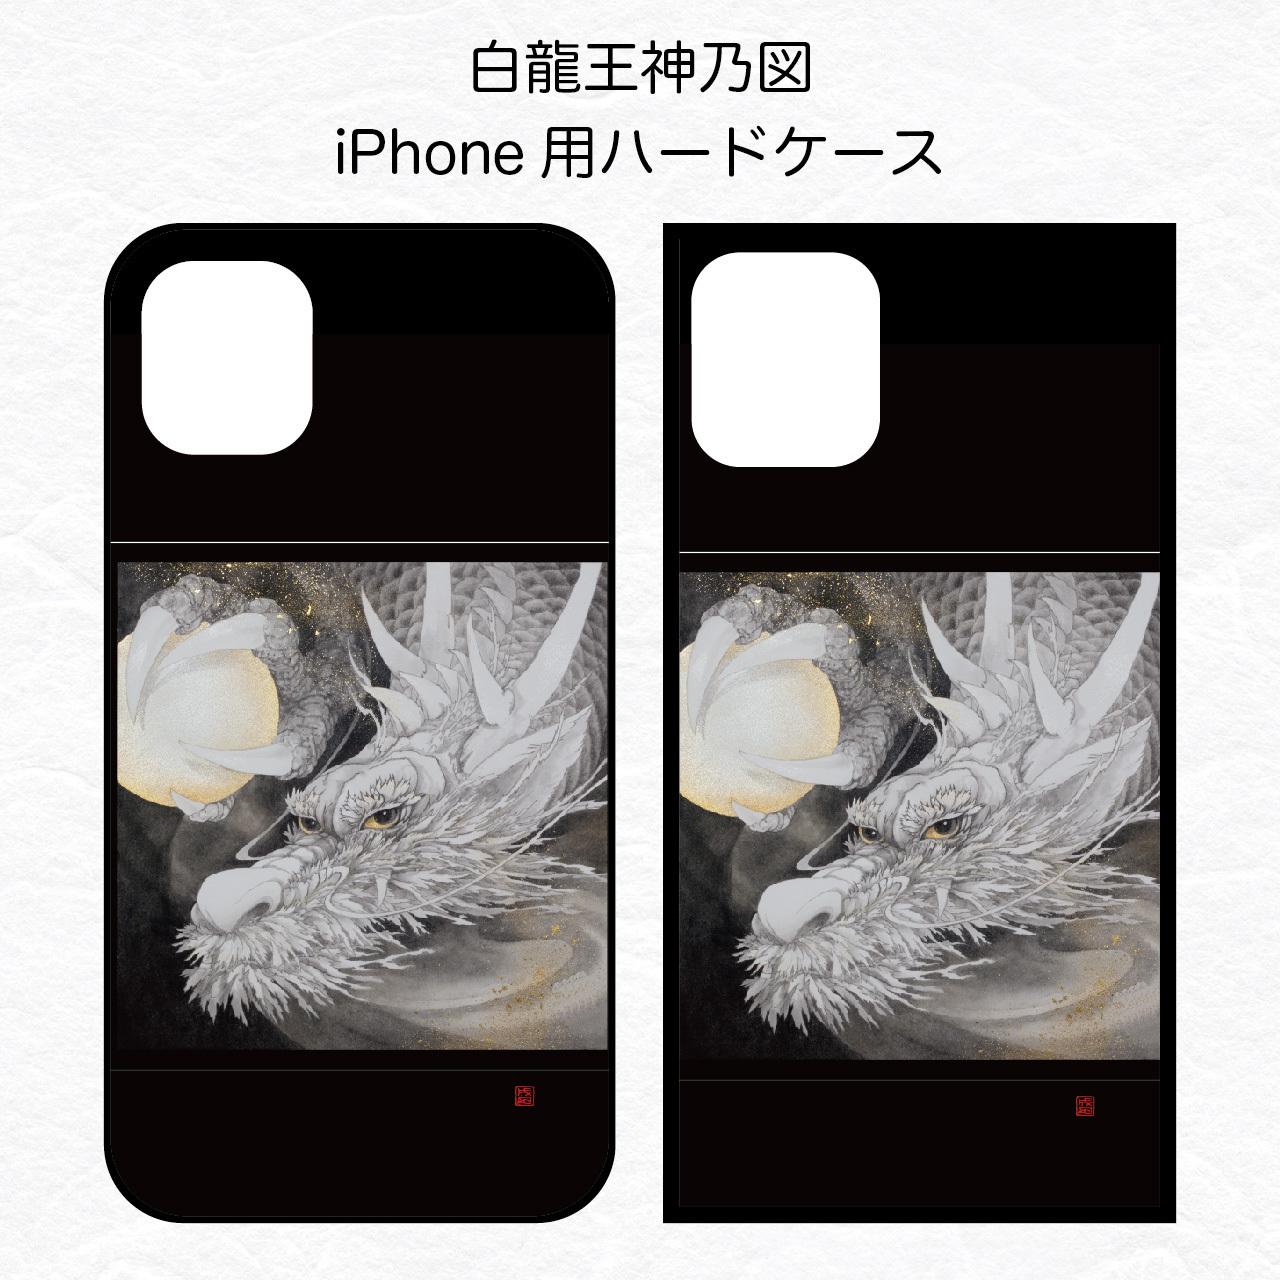 白龍王神乃図【iPhone用 ハードケース(強化ガラス製)】